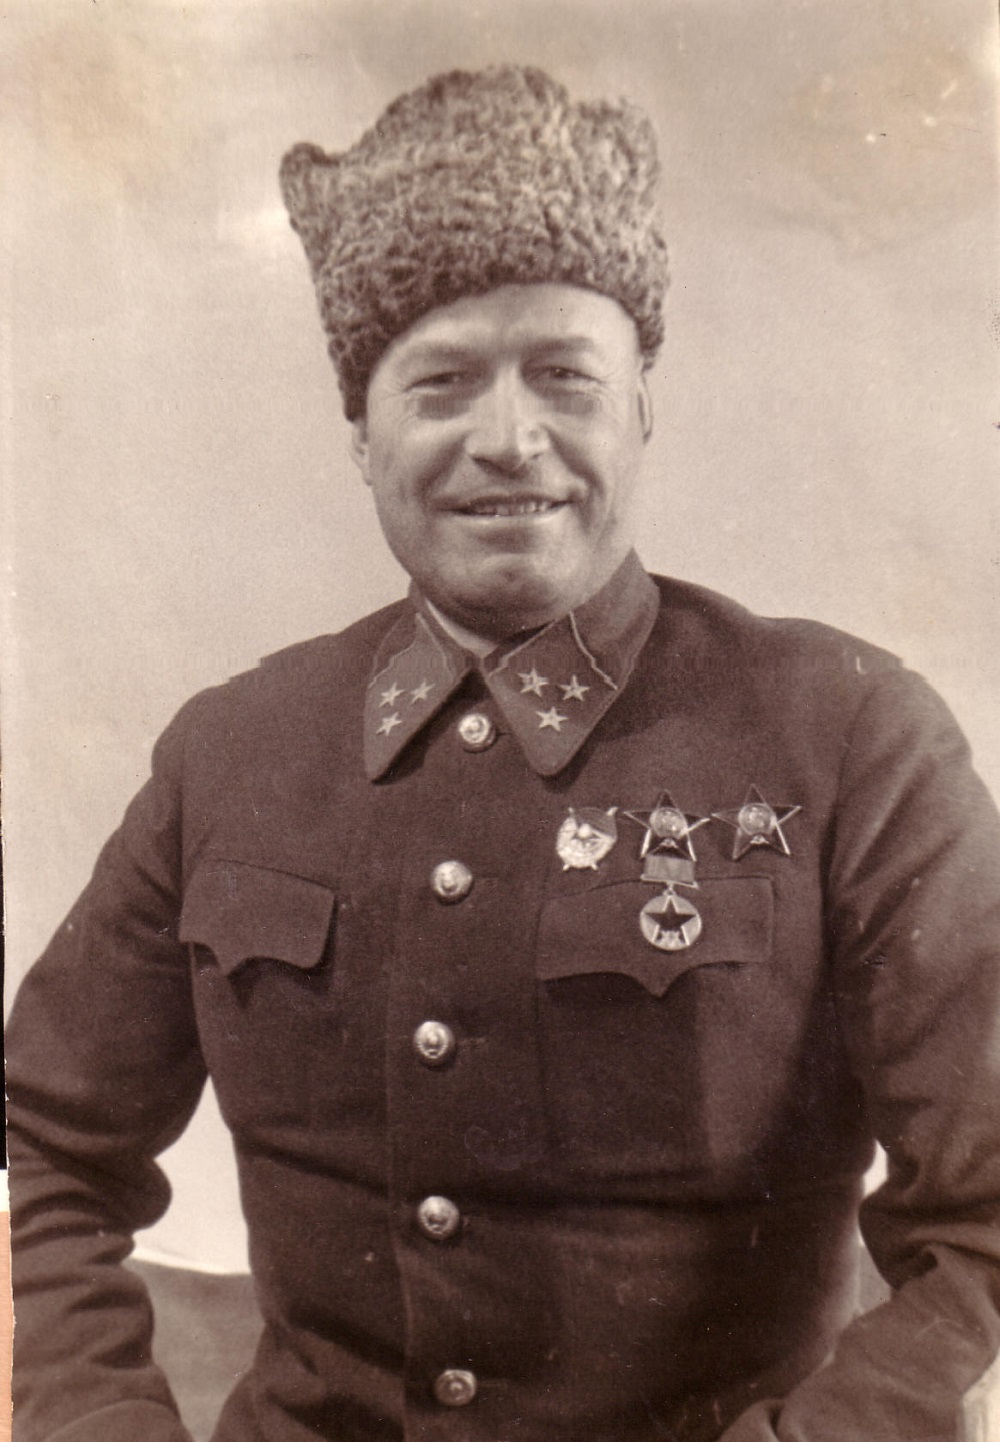 Дончанин Фёдор Костенко в царской армии дослужился до унтер-офицера, а в Красную армию записался рядовым красноармейцем.